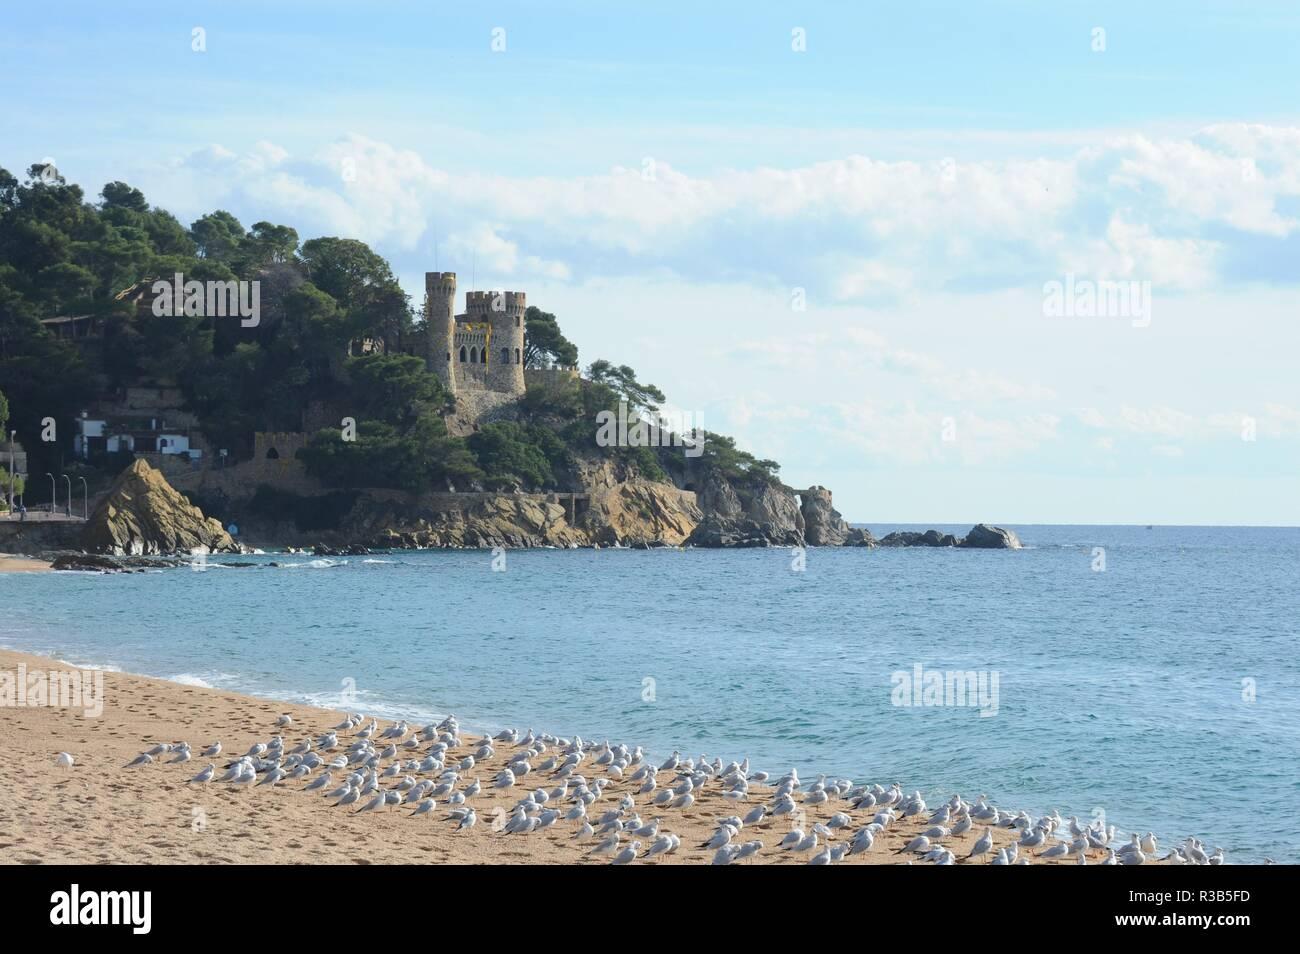 lloret de mar,costa brava,spain,private castle - castillo - Stock Image